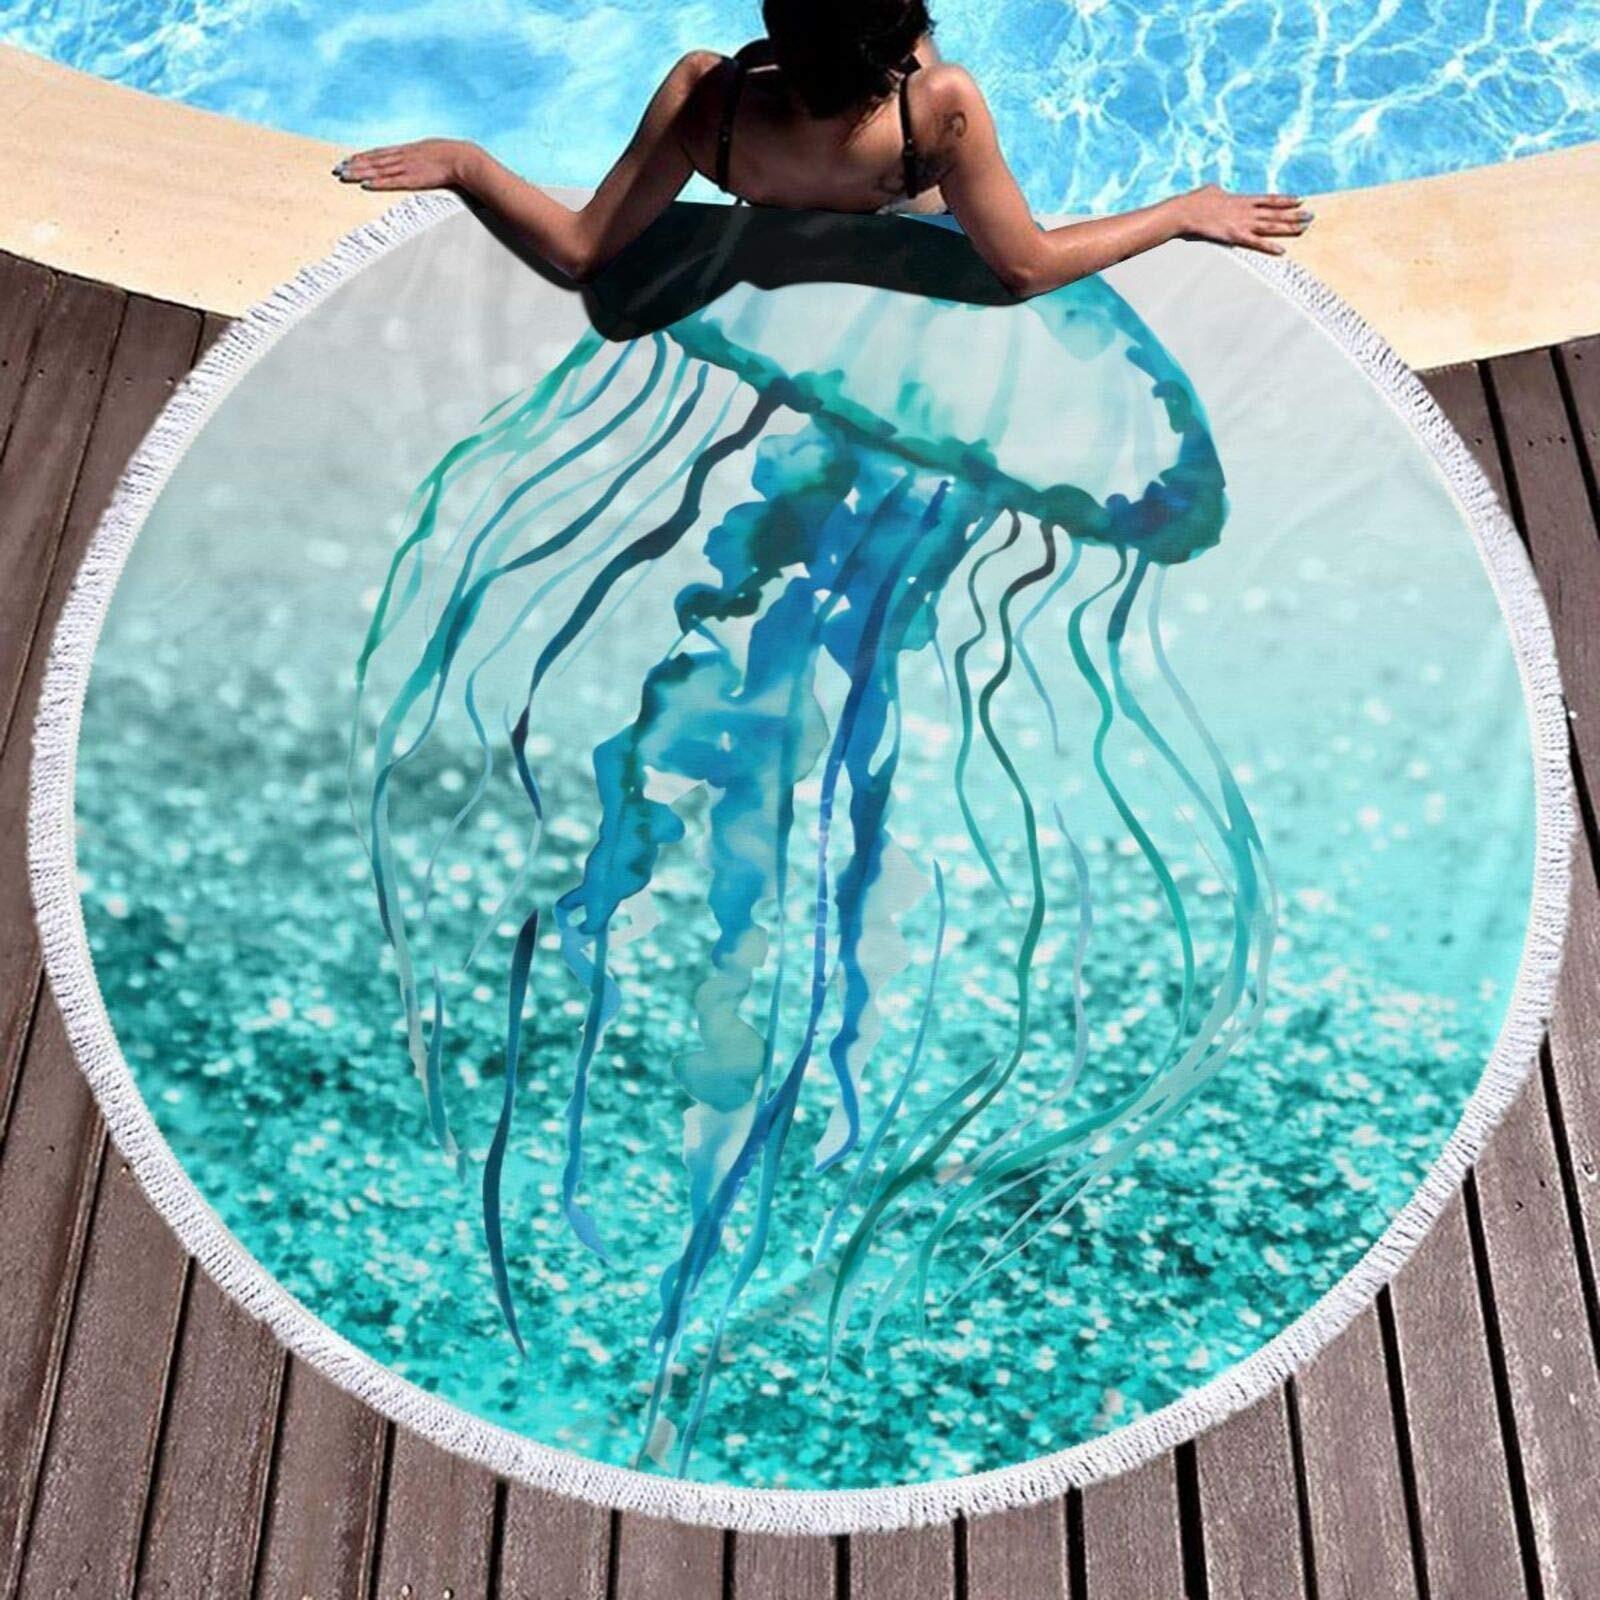 منشفة شاطئ دائرية ملونة قنديل البحر بطانية كبيرة من الألياف الدقيقة أشرطة ماصة سميكة شرابة حمام اليوغا حصيرة نسيج 59 بوصة